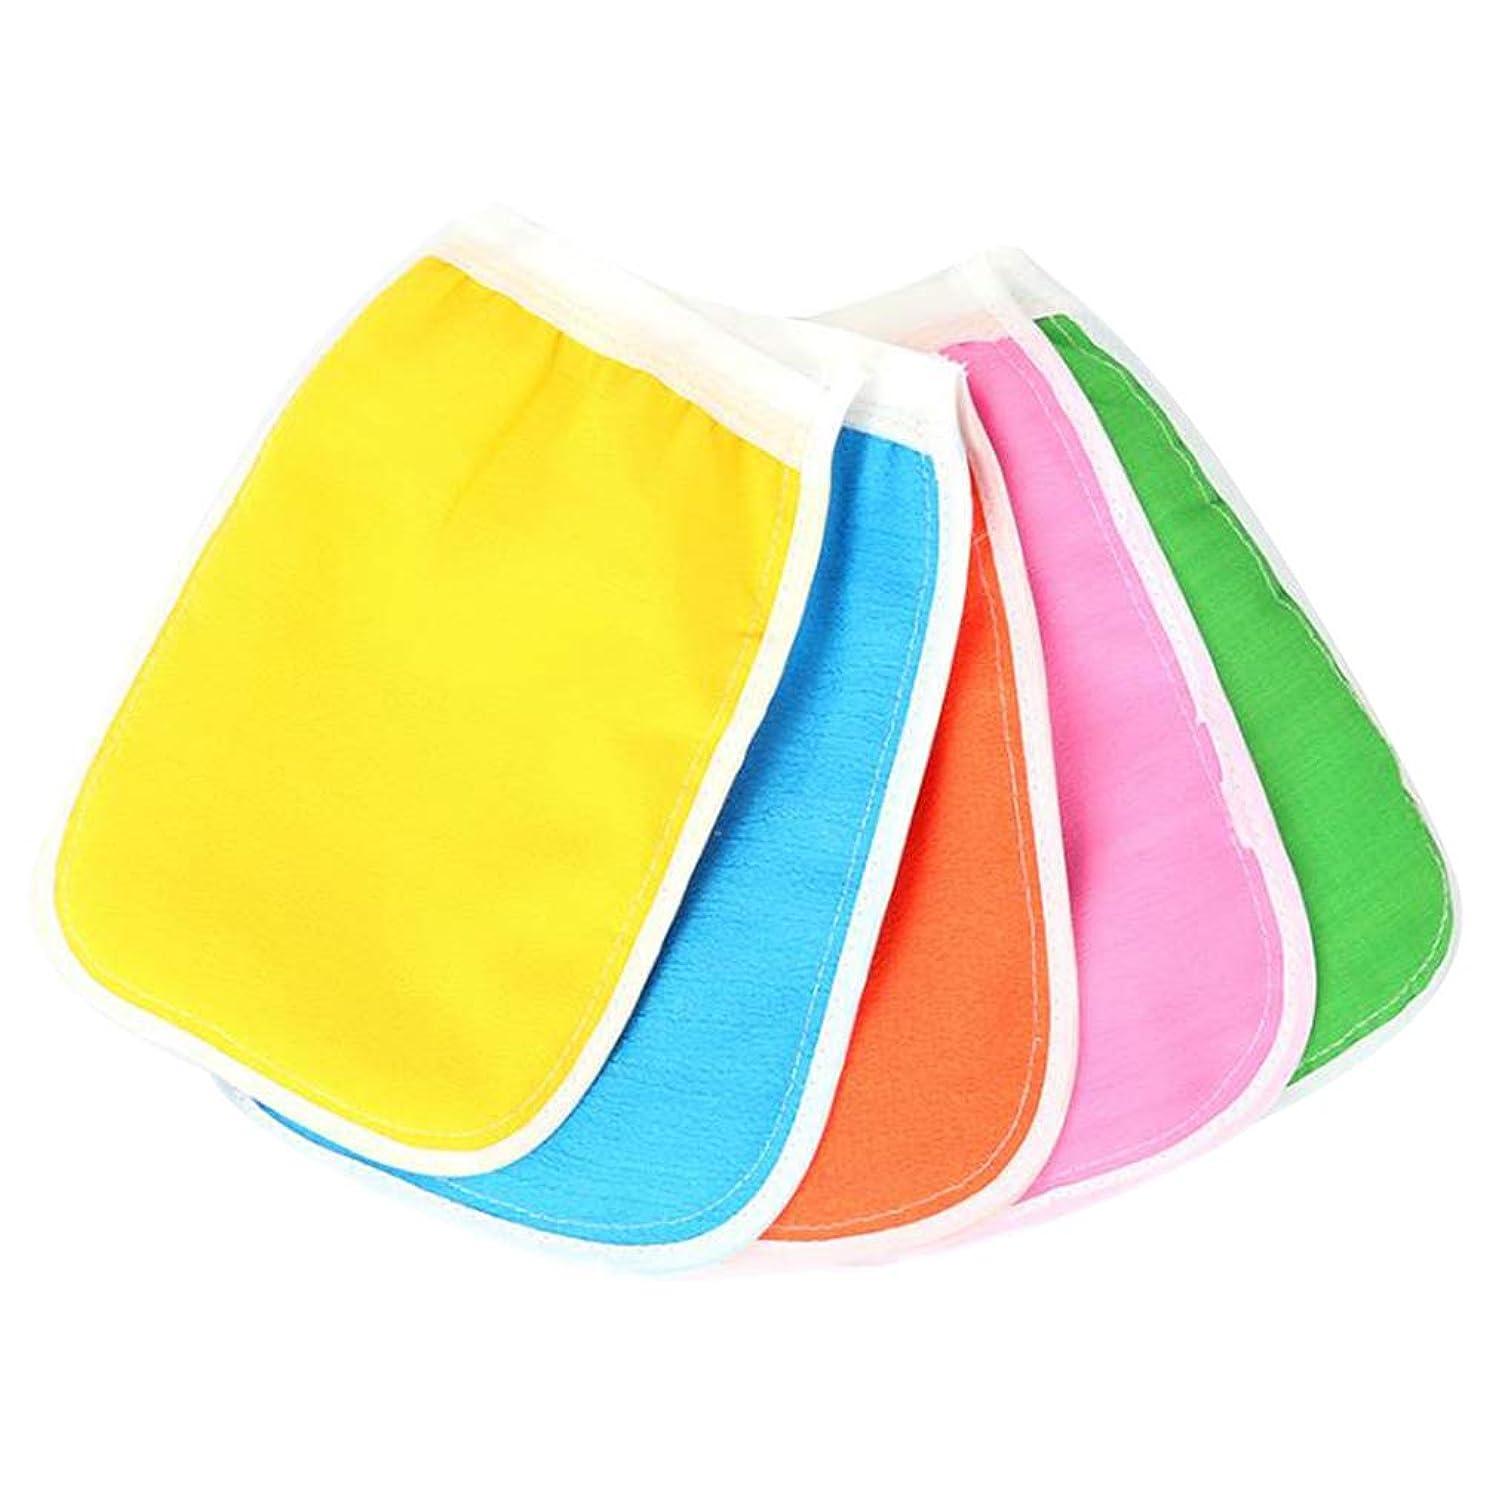 進行中倒産玉ねぎHEALIFTY ボディスクラブミトン手袋入浴シャワースパ用クレンジングツール(混色)のための5本の剥離手袋